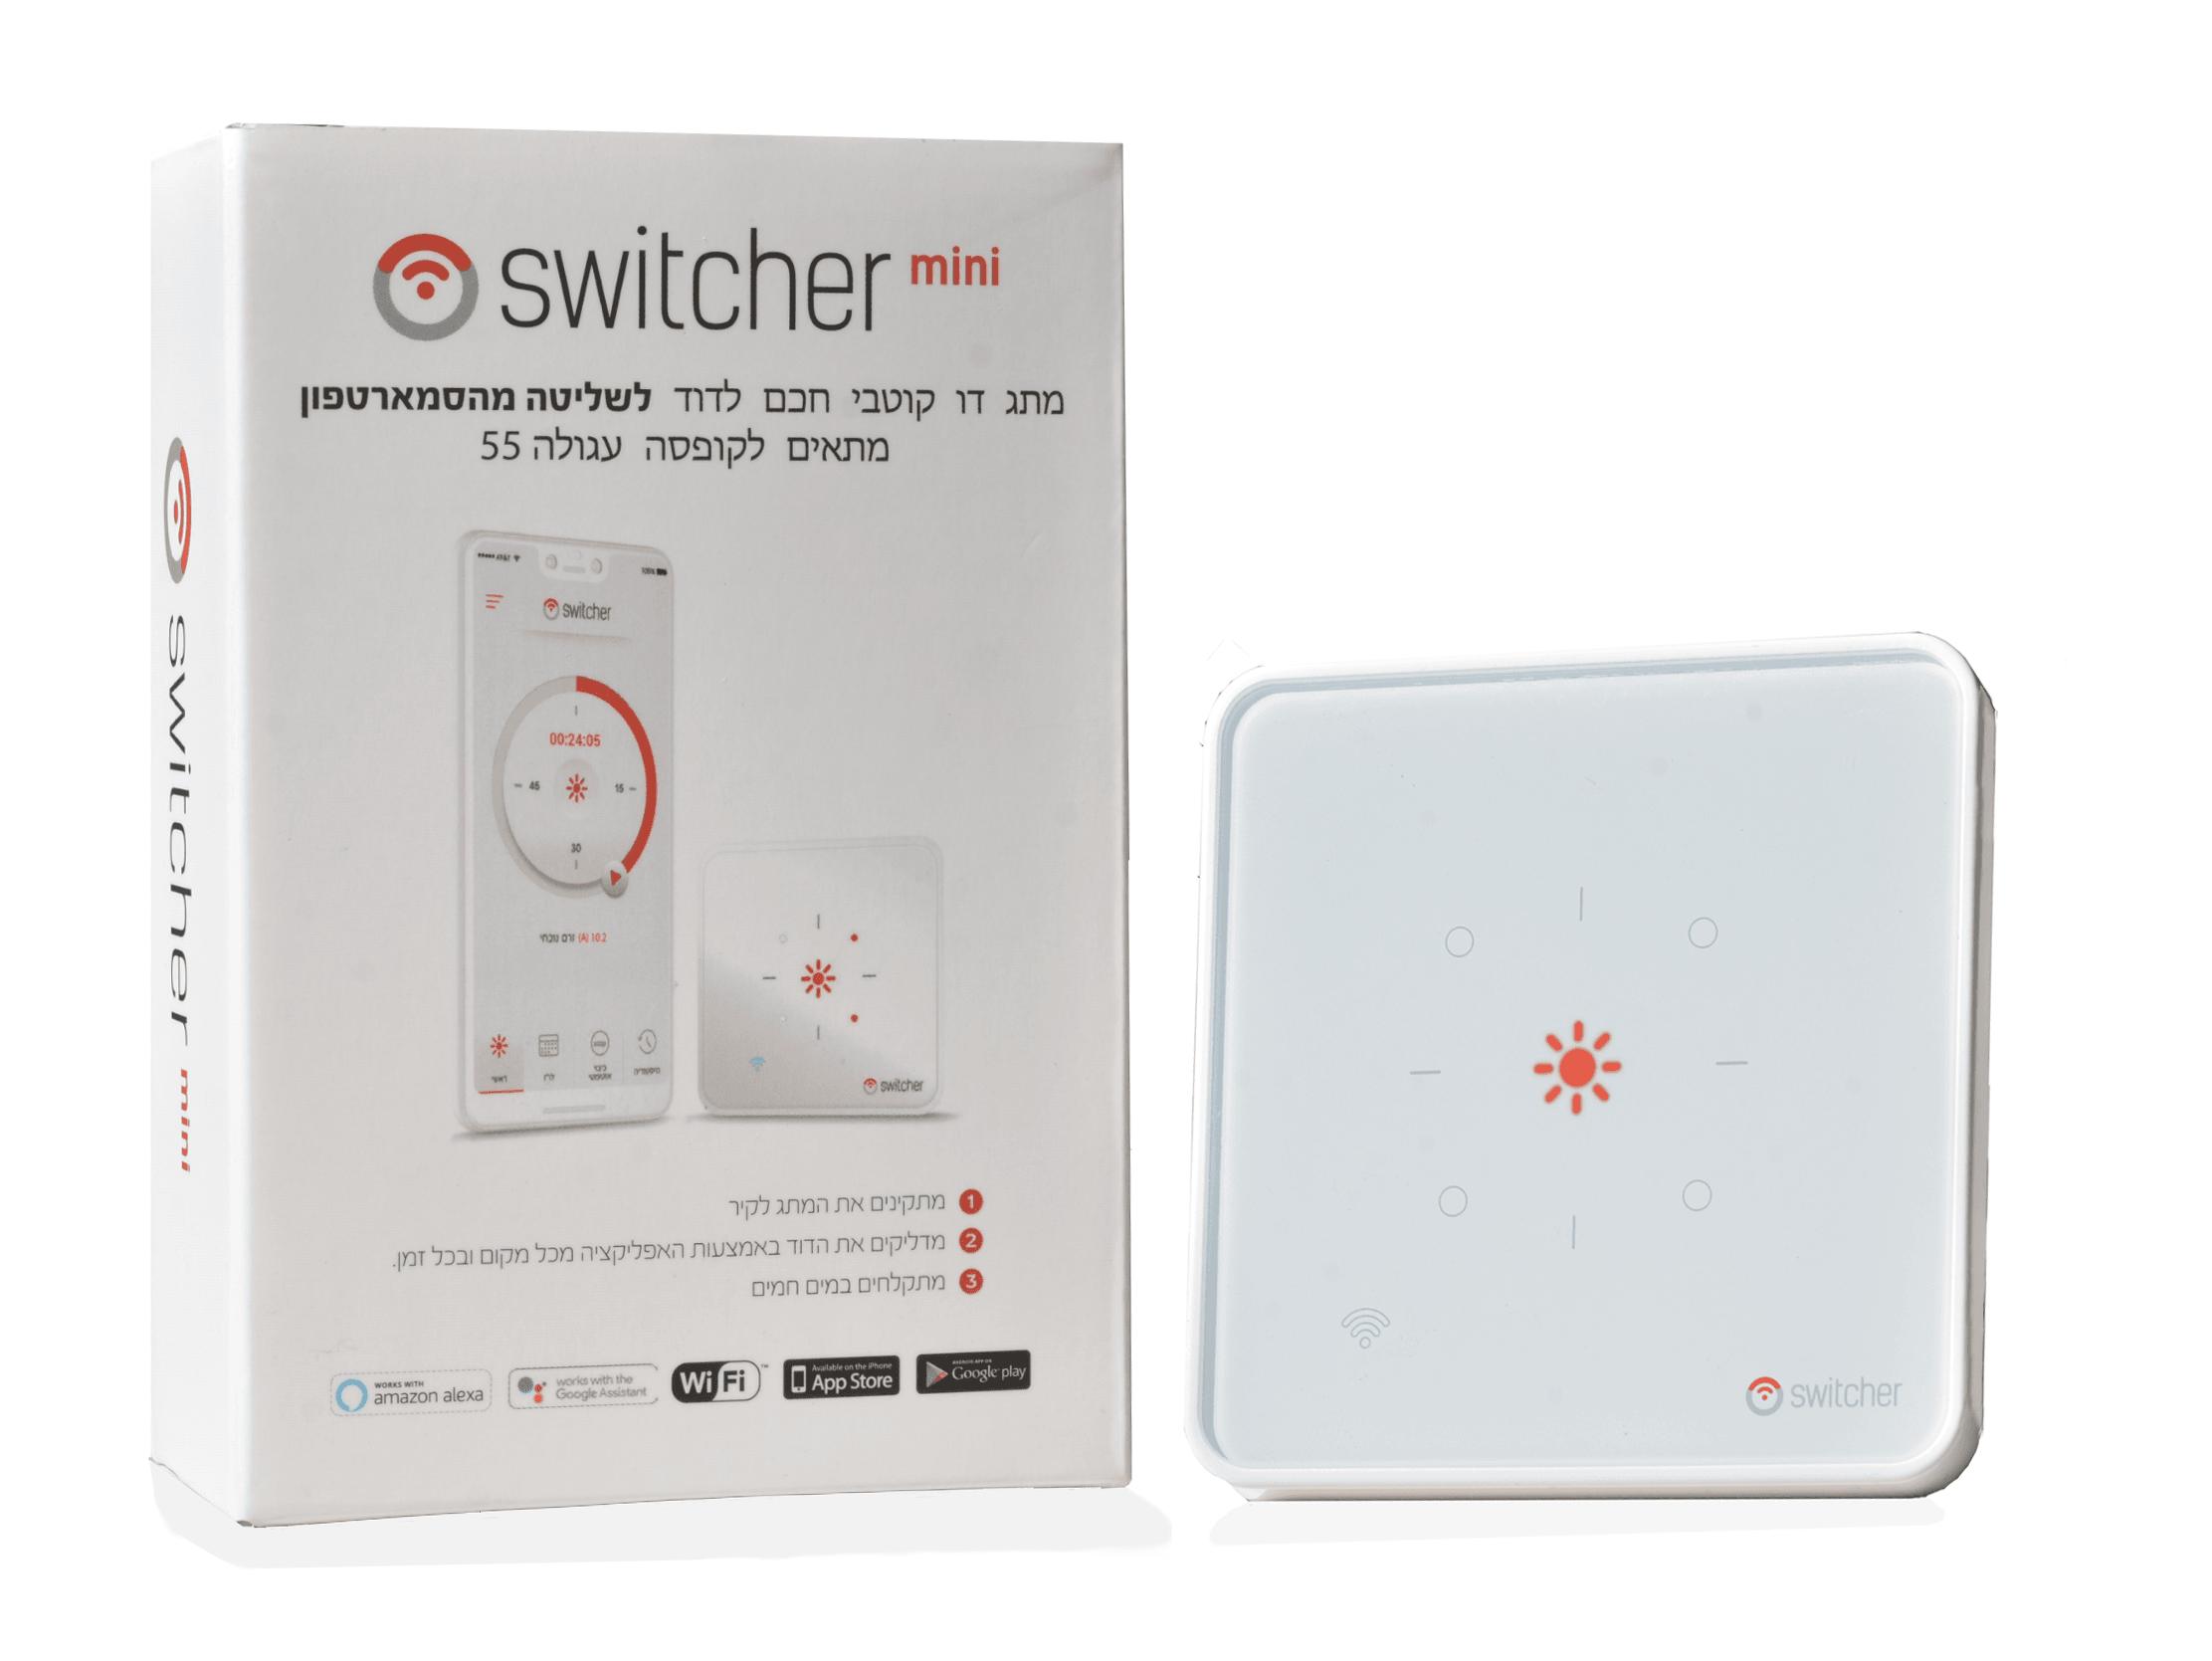 מתג הדוד החכם של סוויצ'ר - switcher mini